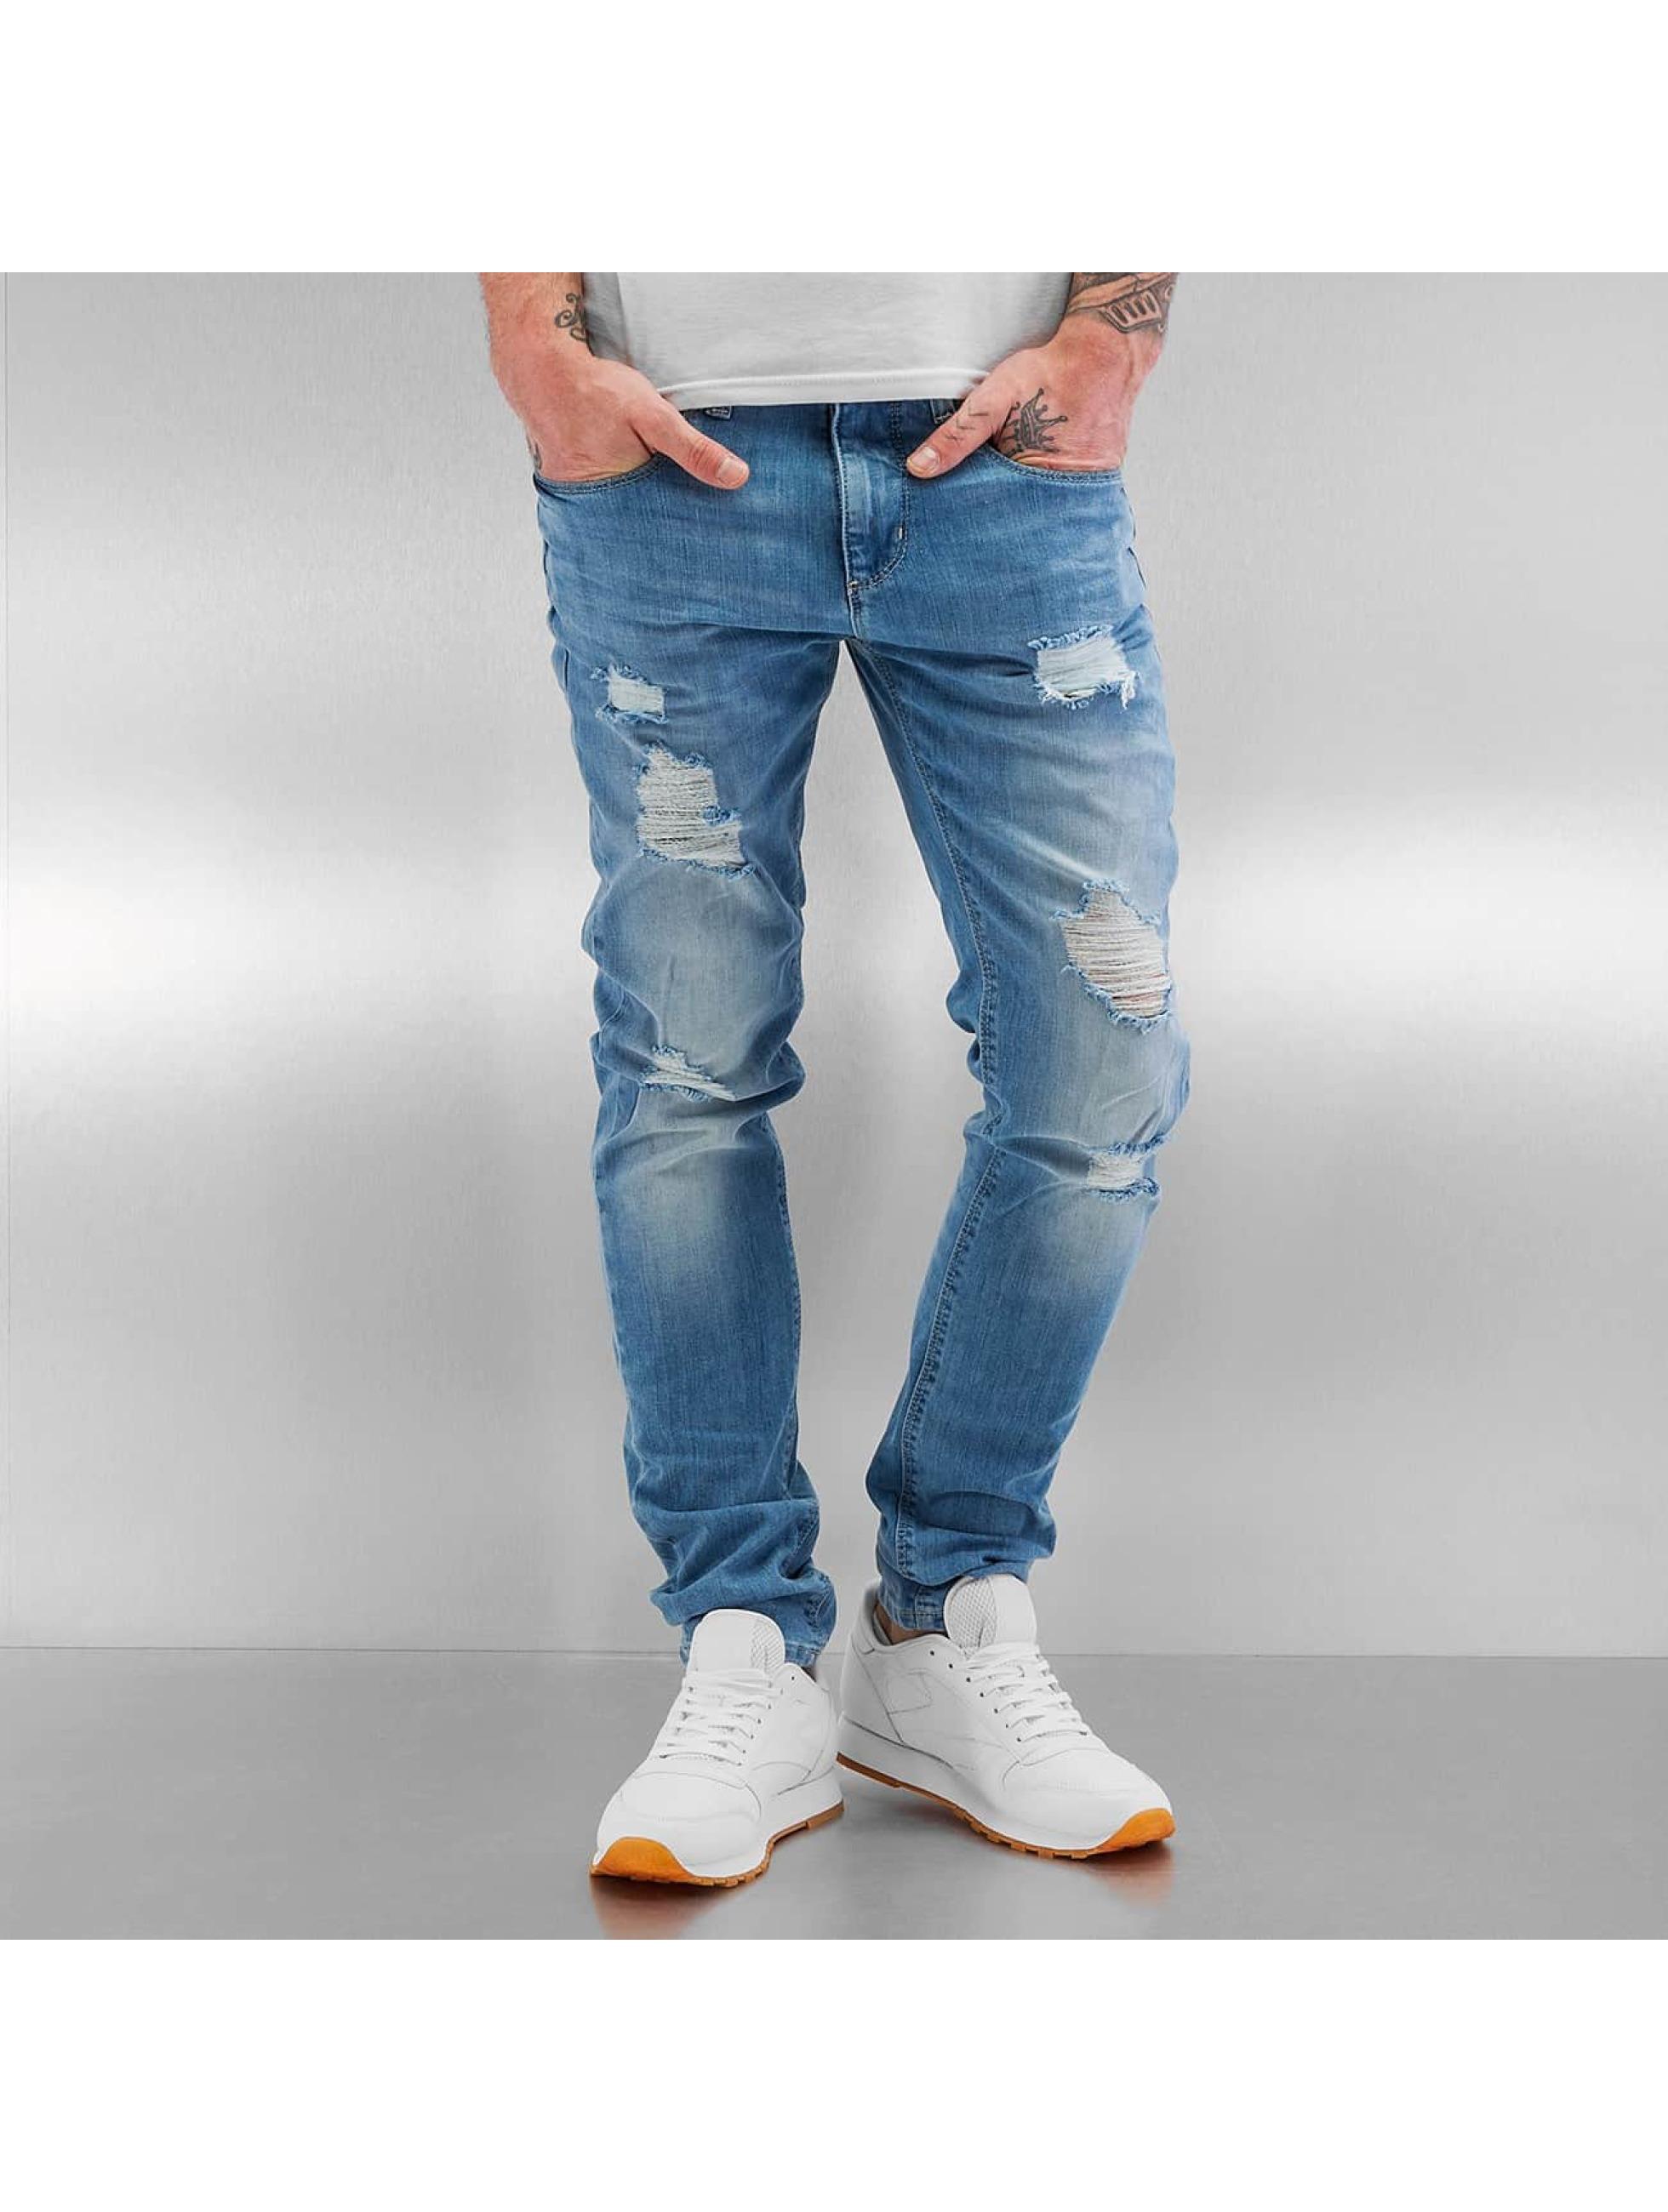 SHINE Original Walker bleu Jean skinny homme